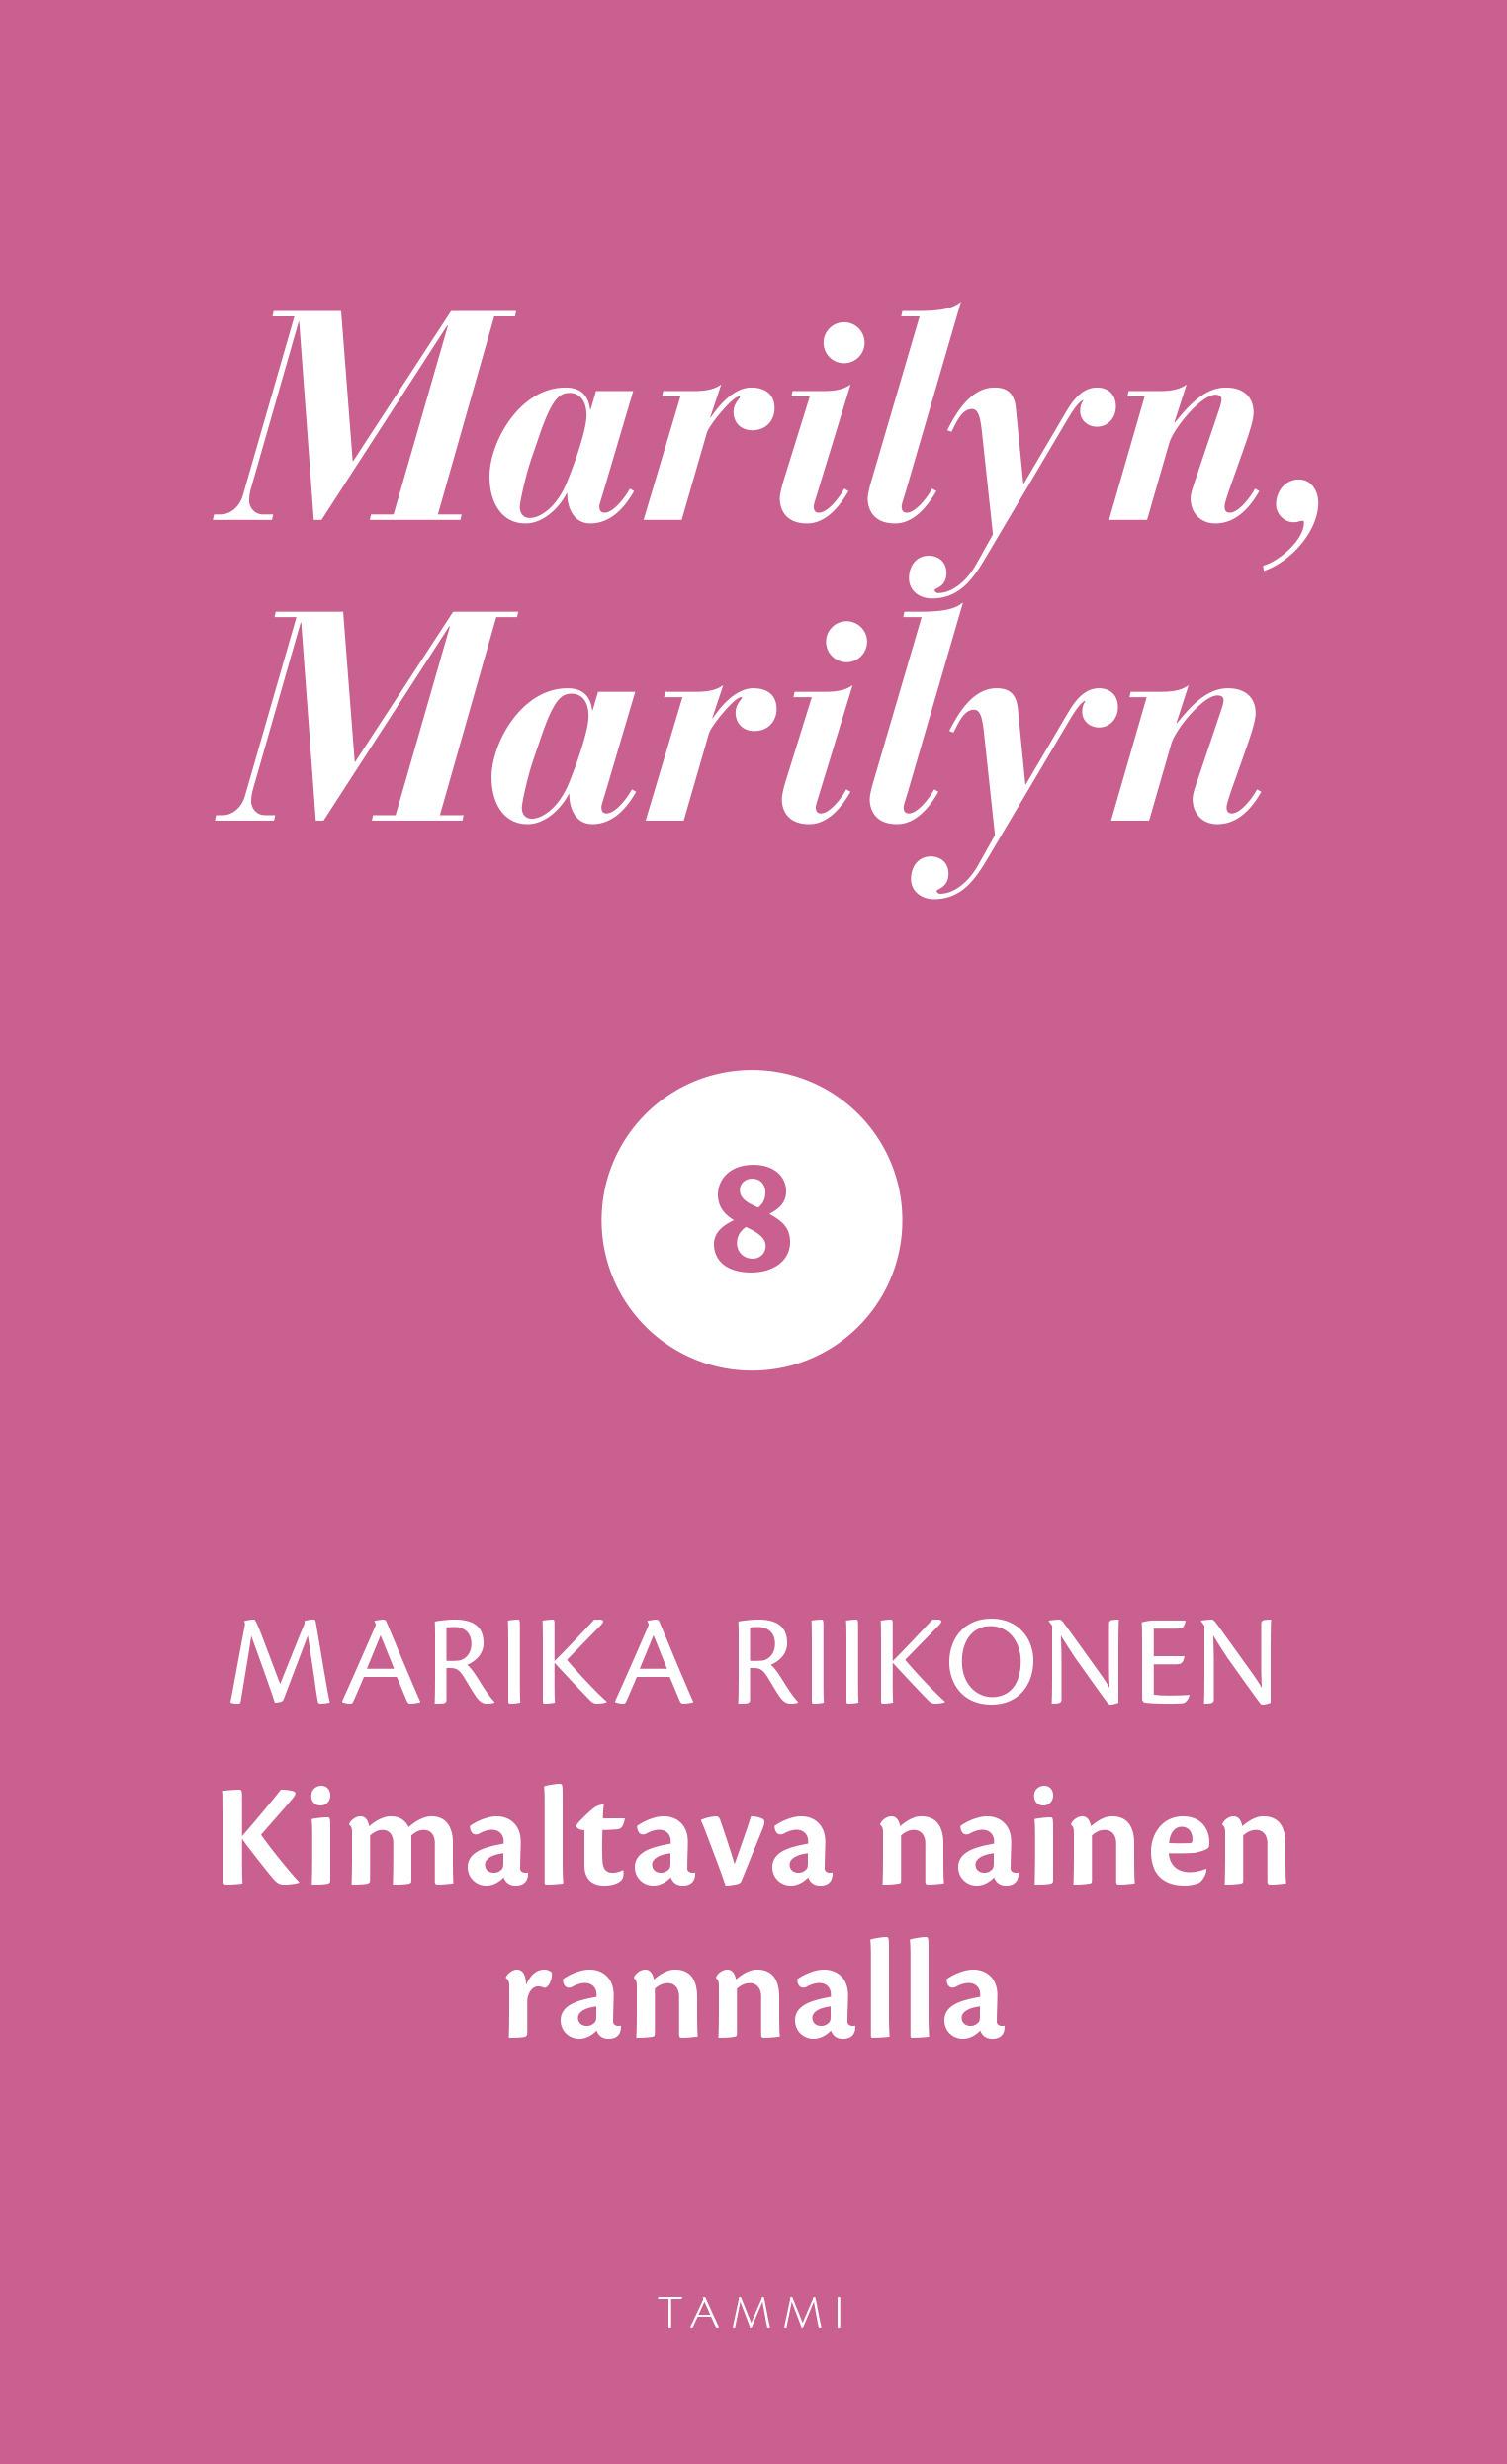 Riikonen, Marika - Marilyn, Marilyn 8: Kimaltava nainen rannalla, e-kirja